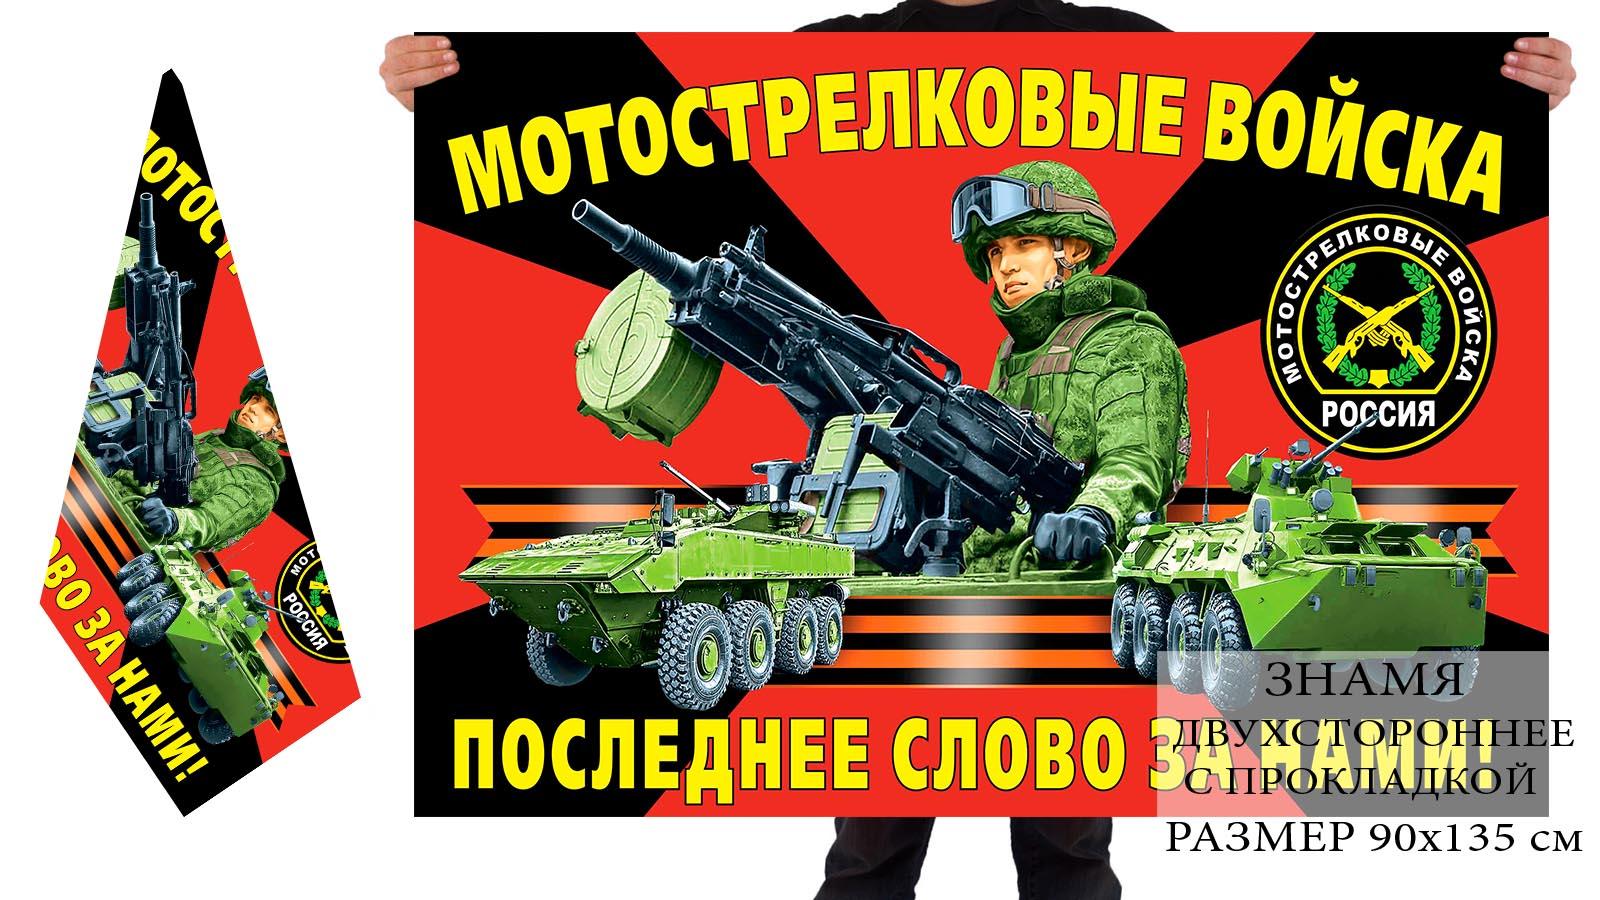 Двусторонний флаг российских мотострелков